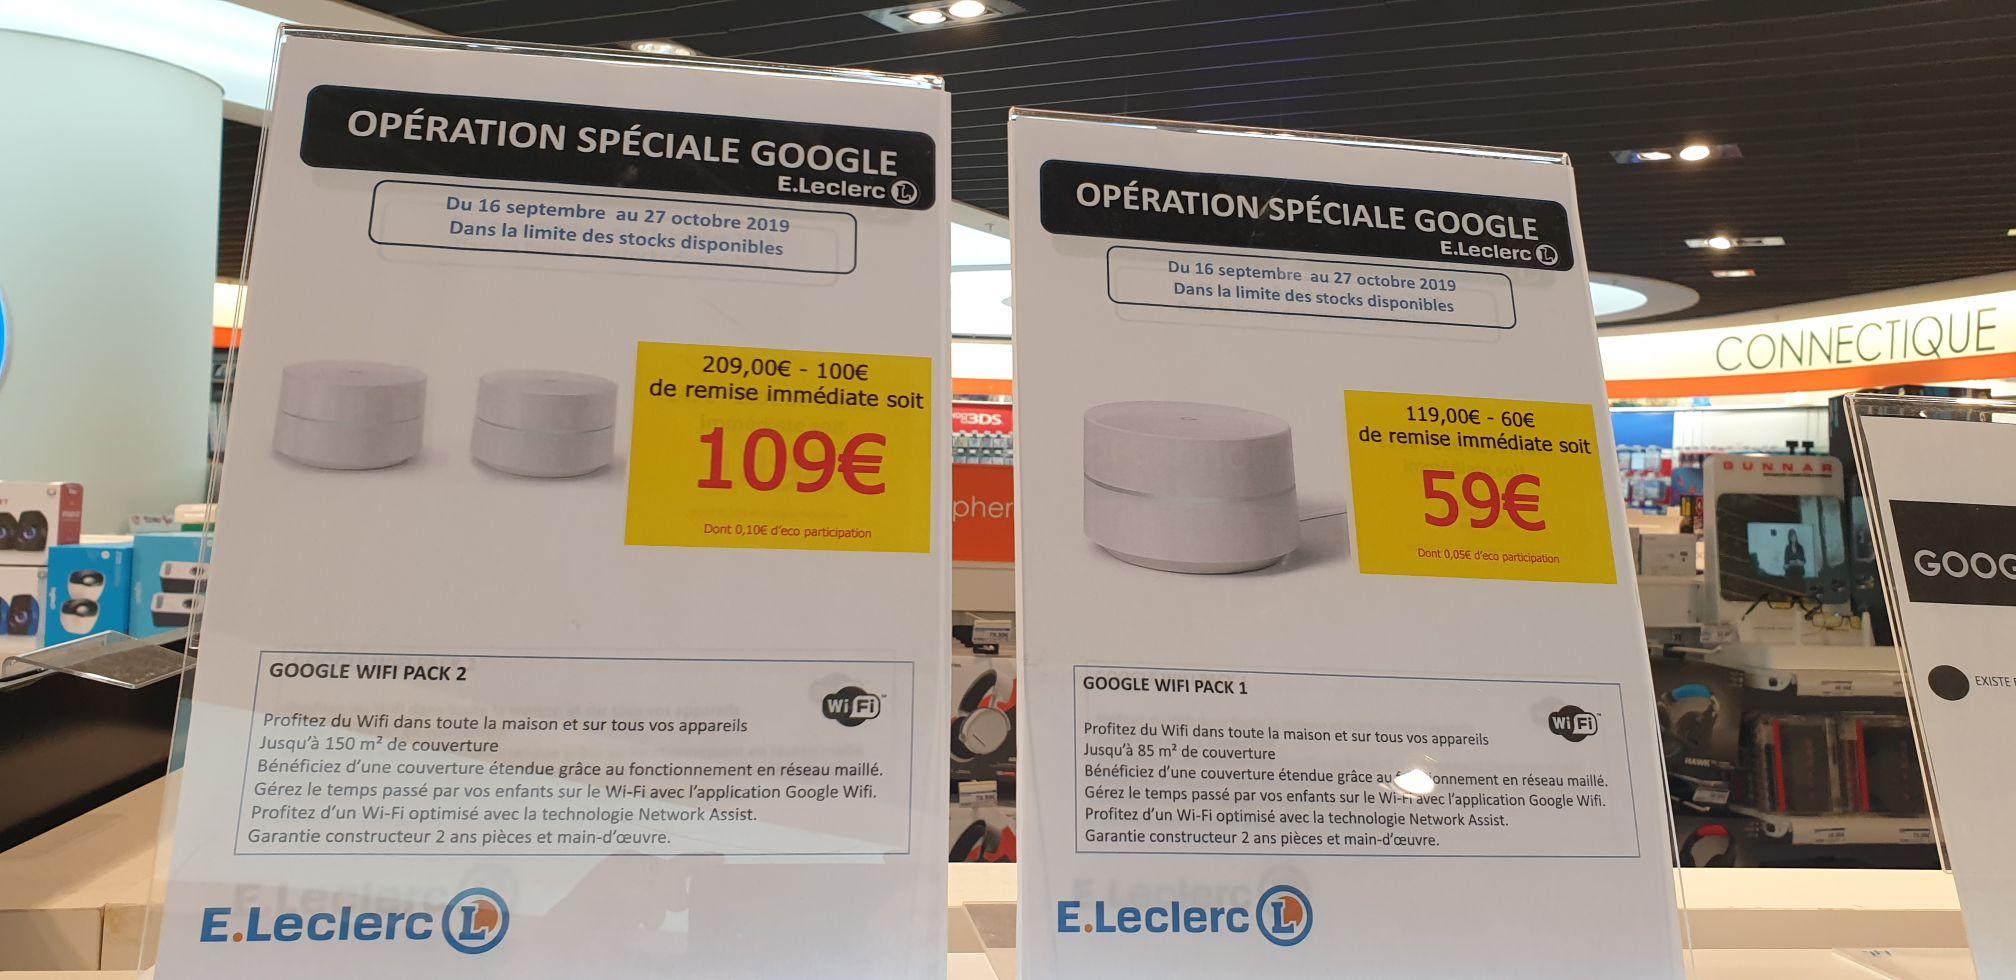 Routeur Google Wifi ou Pack de 2 à 109€ - Saint-Herblain (44)